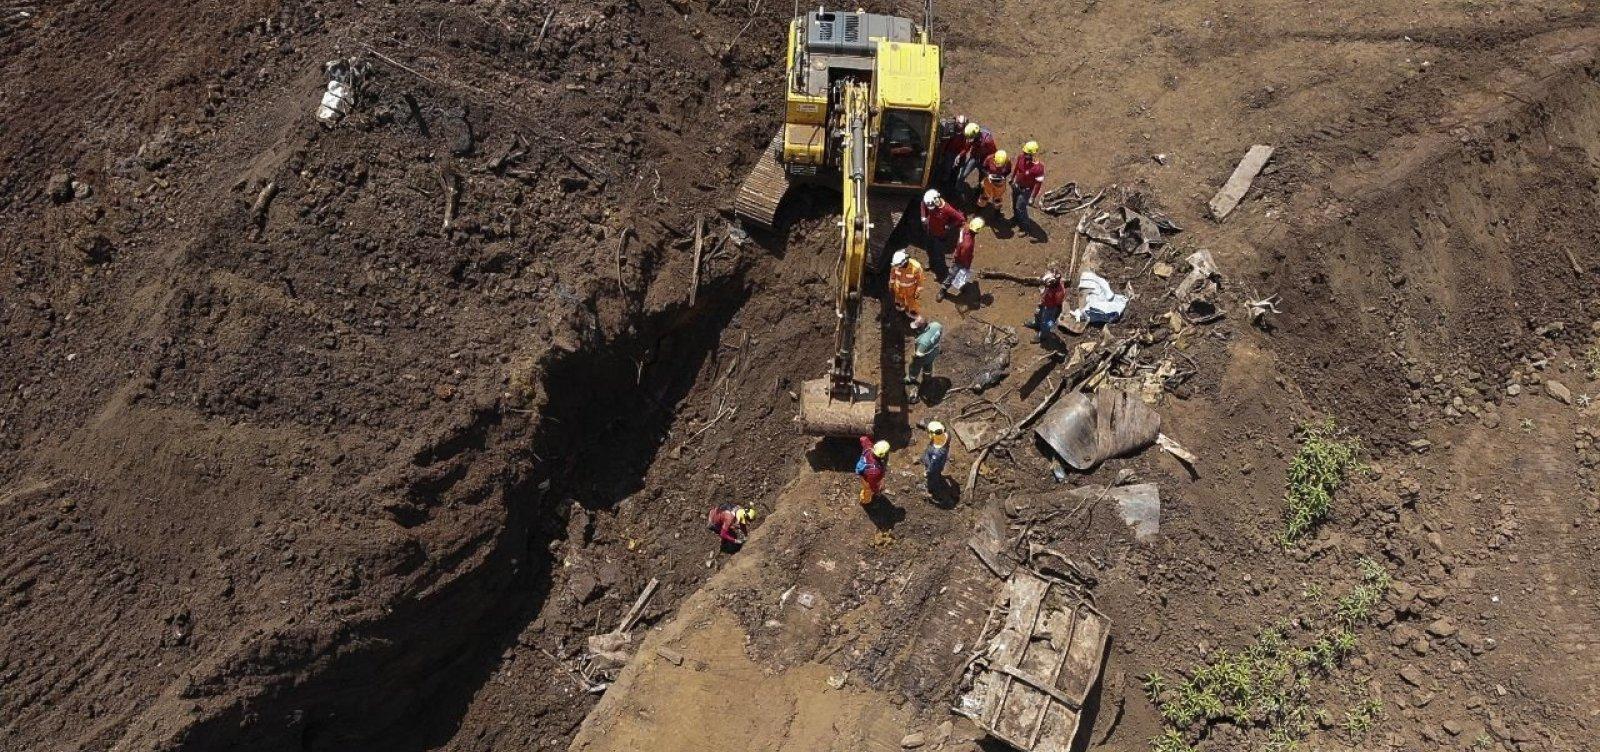 [Vale adia entrega de estação afetada por rompimento de barragem, já atrasada em cinco meses]